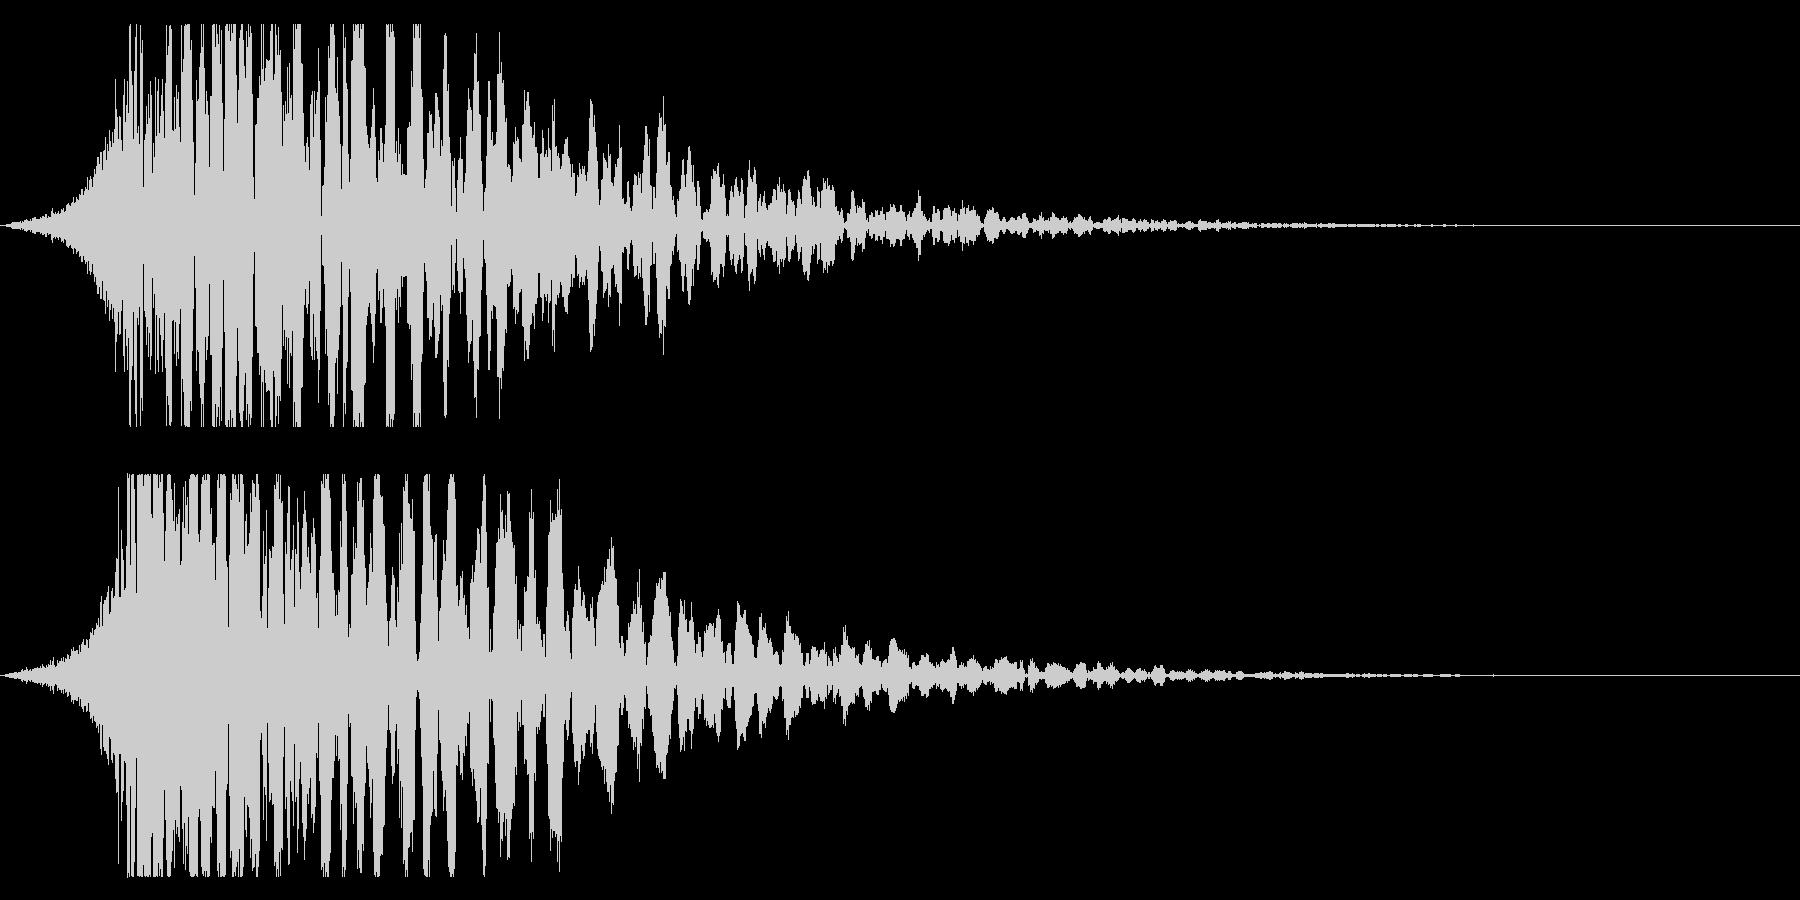 シュードーン-21-3(インパクト音)の未再生の波形